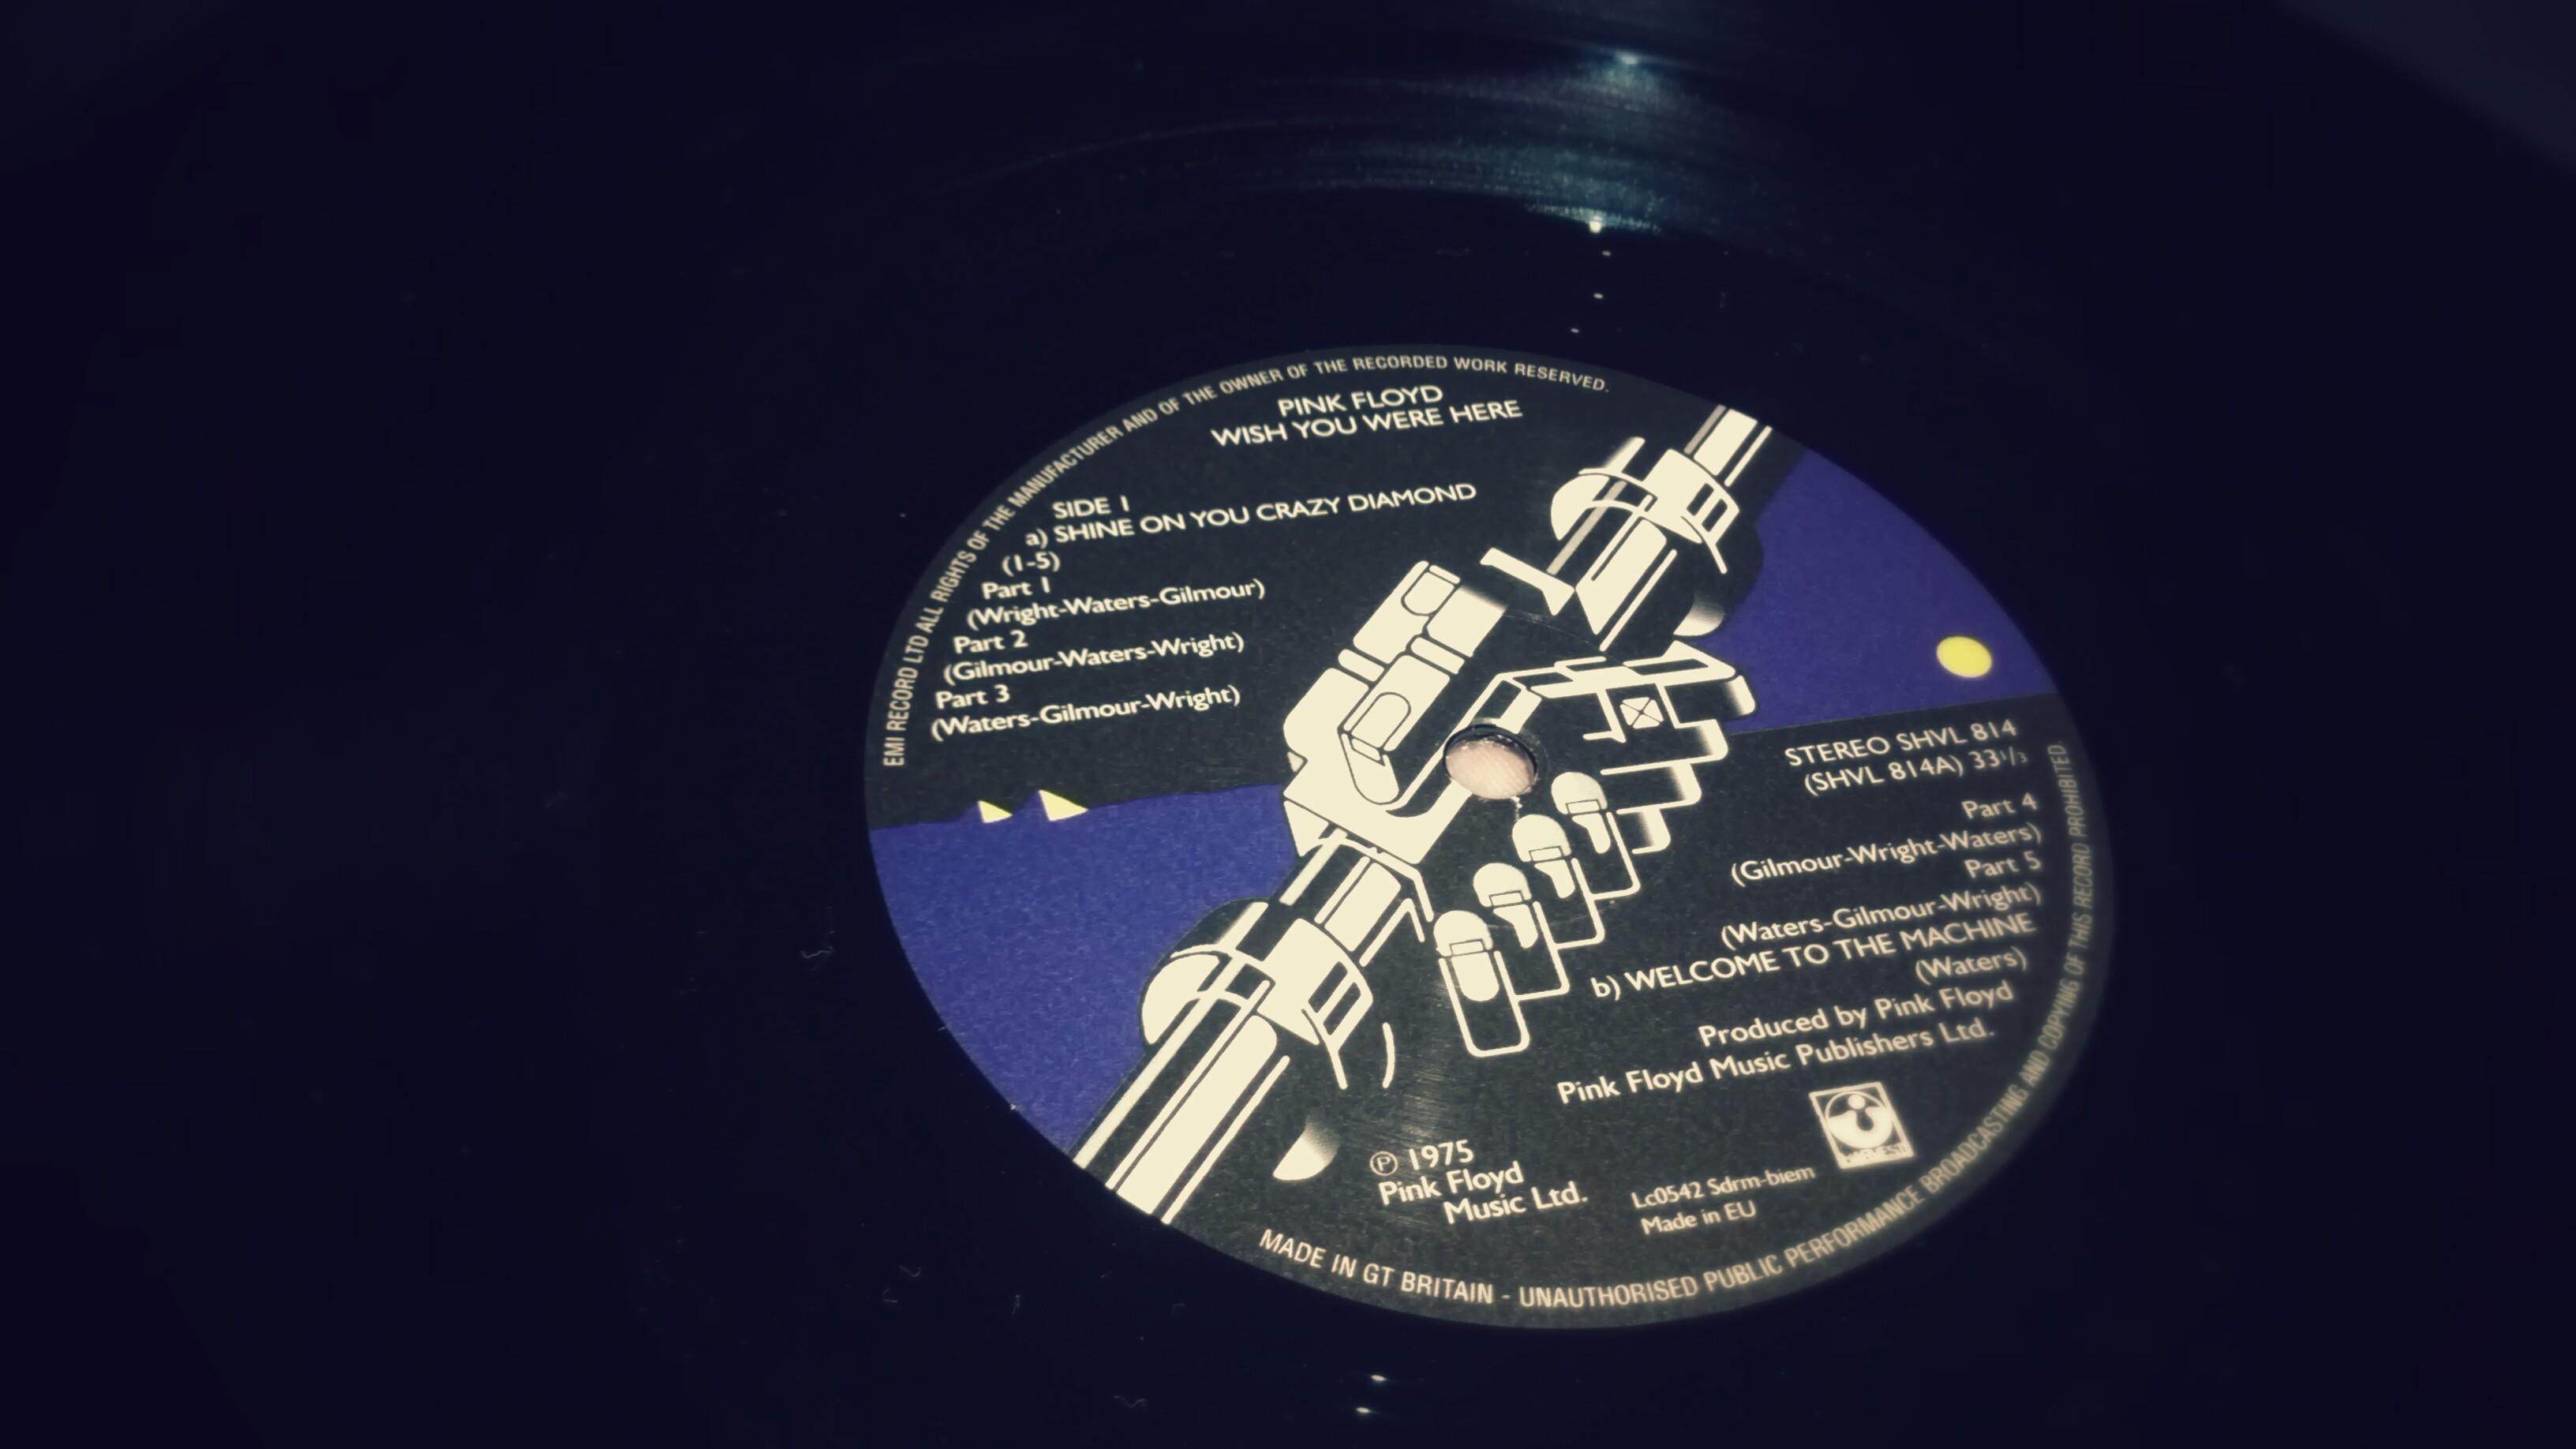 Wish You Were Here Pink Floyd Album vinyle LP – Réédition 2011